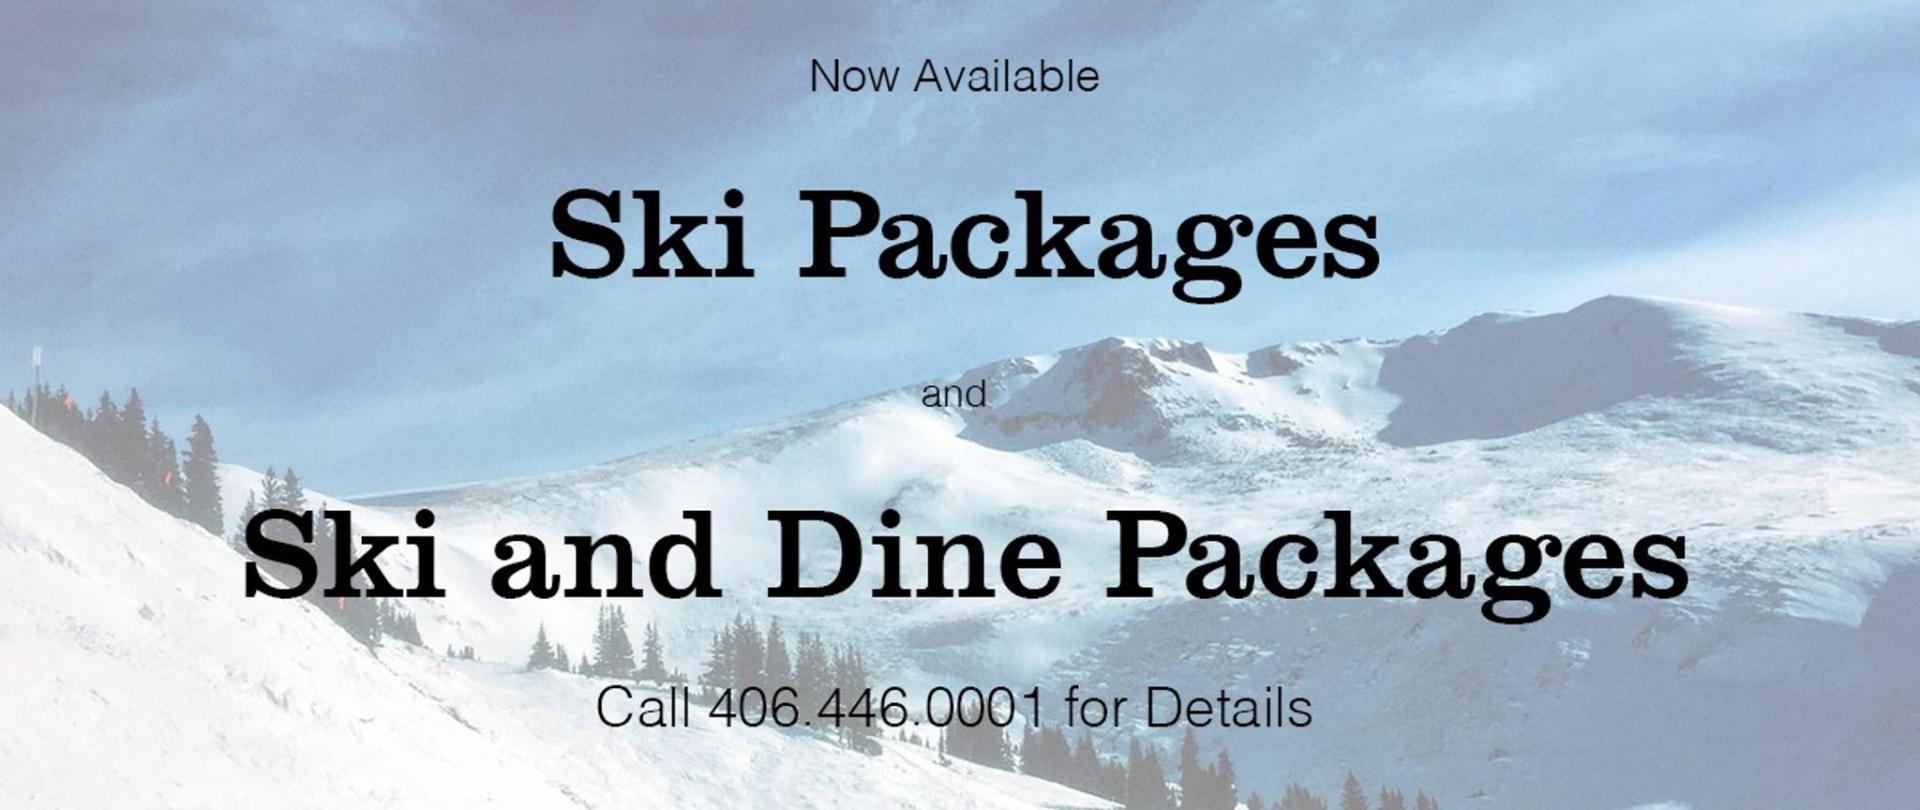 Ski Package [website] 4.jpg